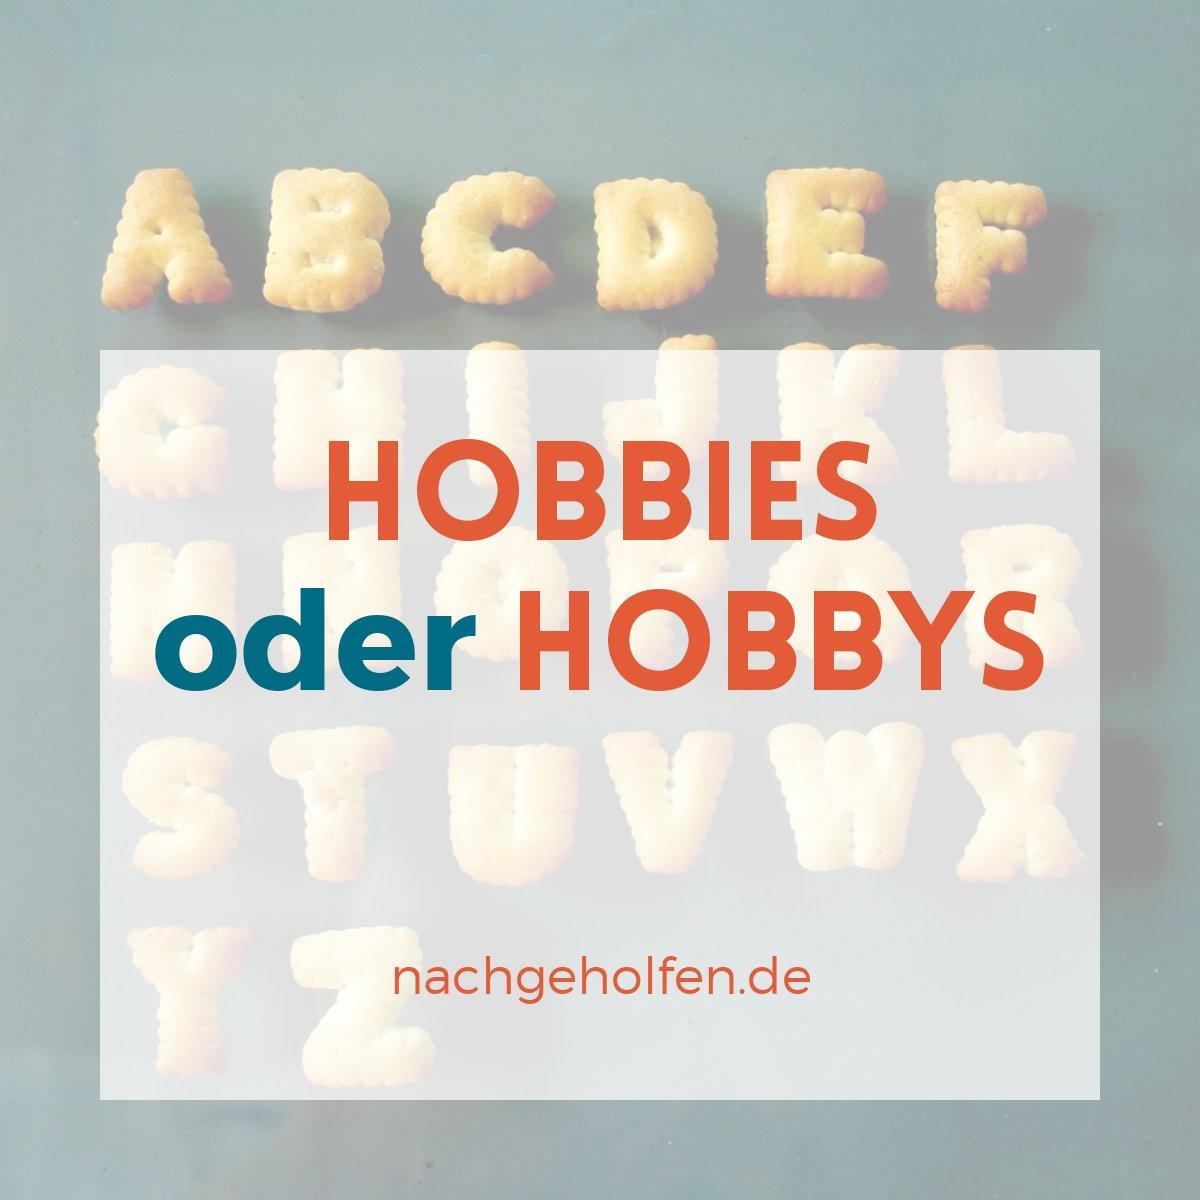 Hobbies oder Hobbys? So ist es richtig - nachgeholfen.de